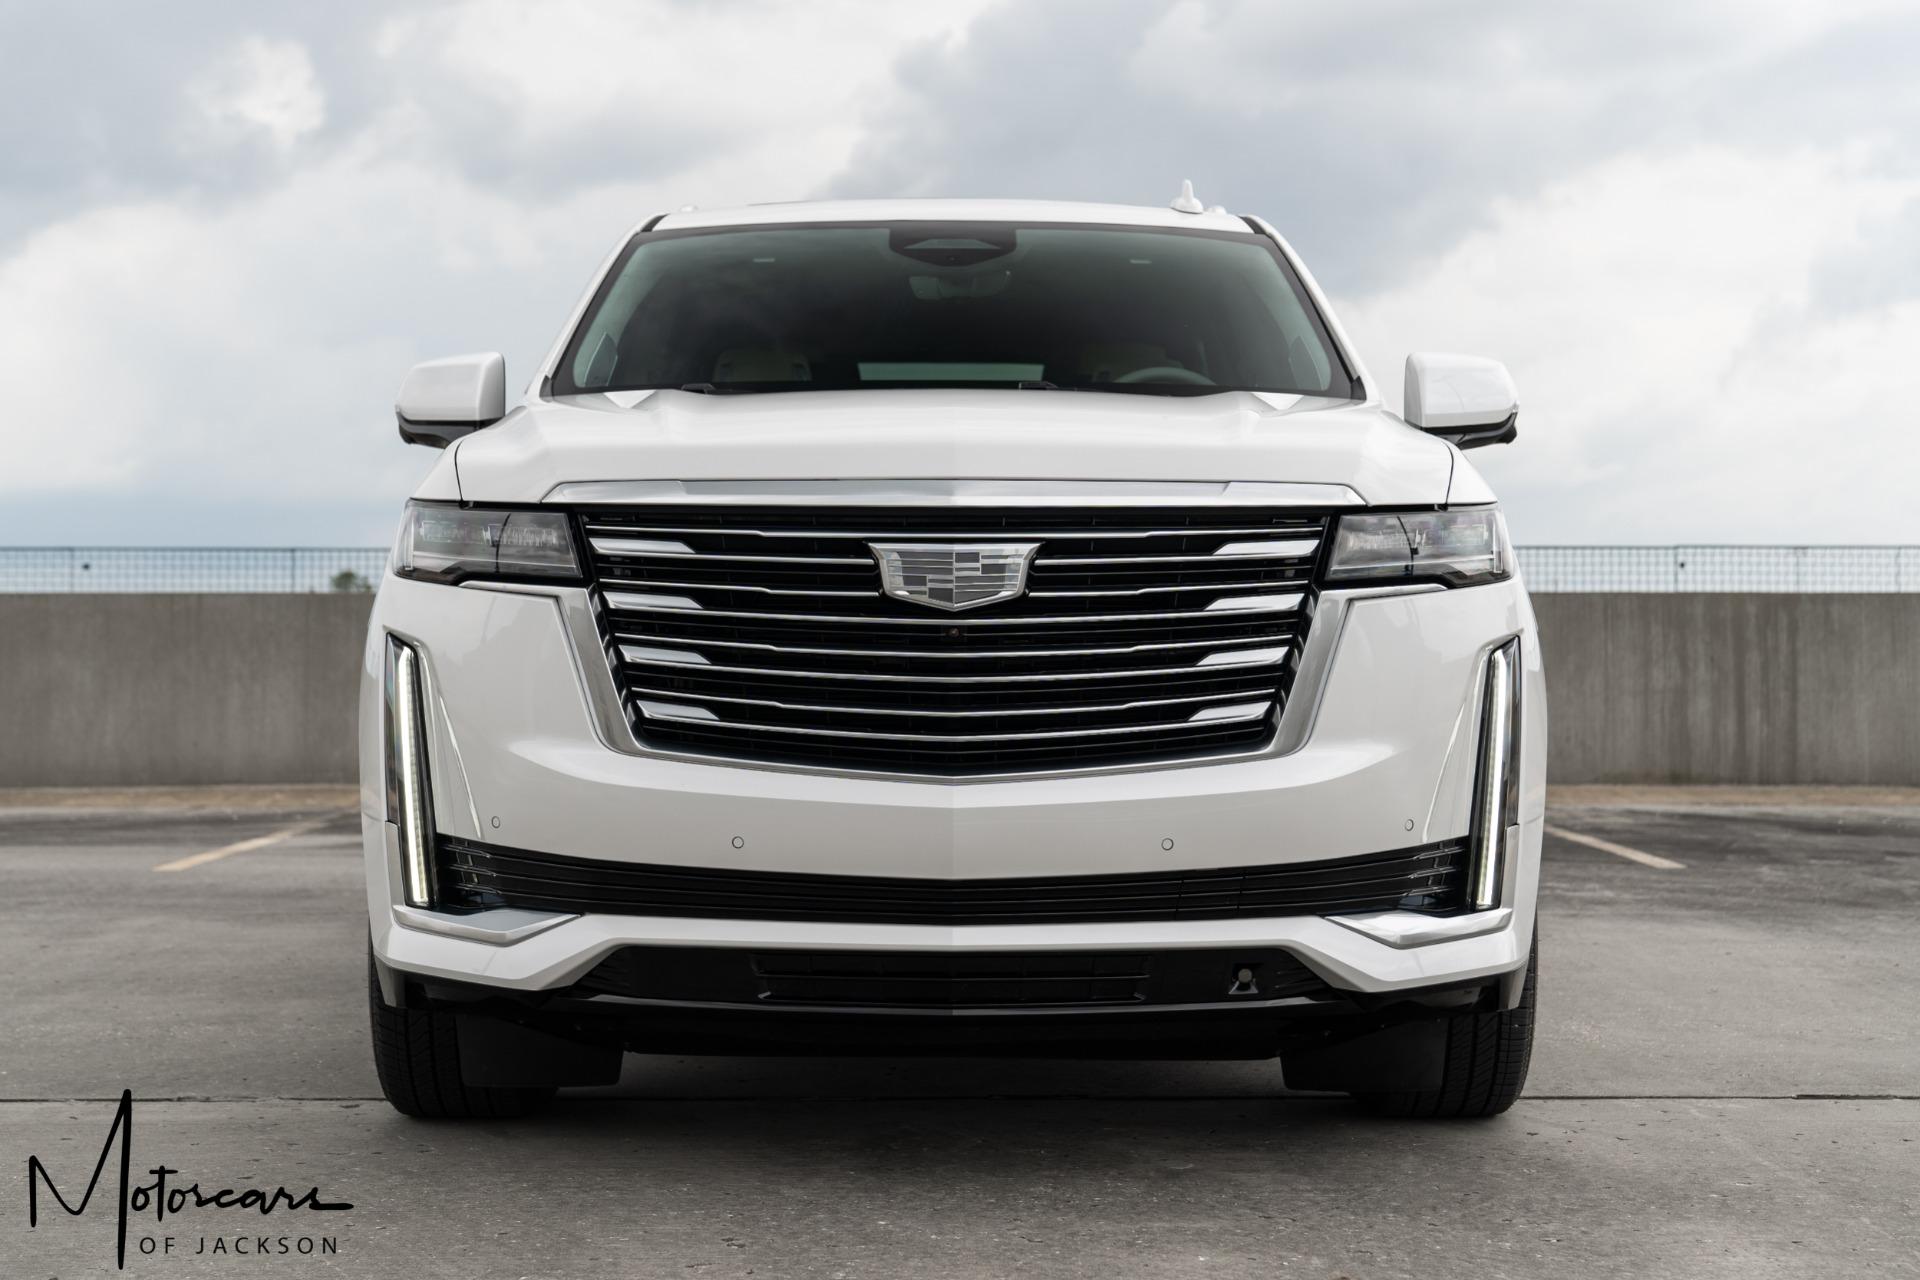 Used-2021-Cadillac-Escalade-Premium-Luxury-Platinum-for-sale-Jackson-MS